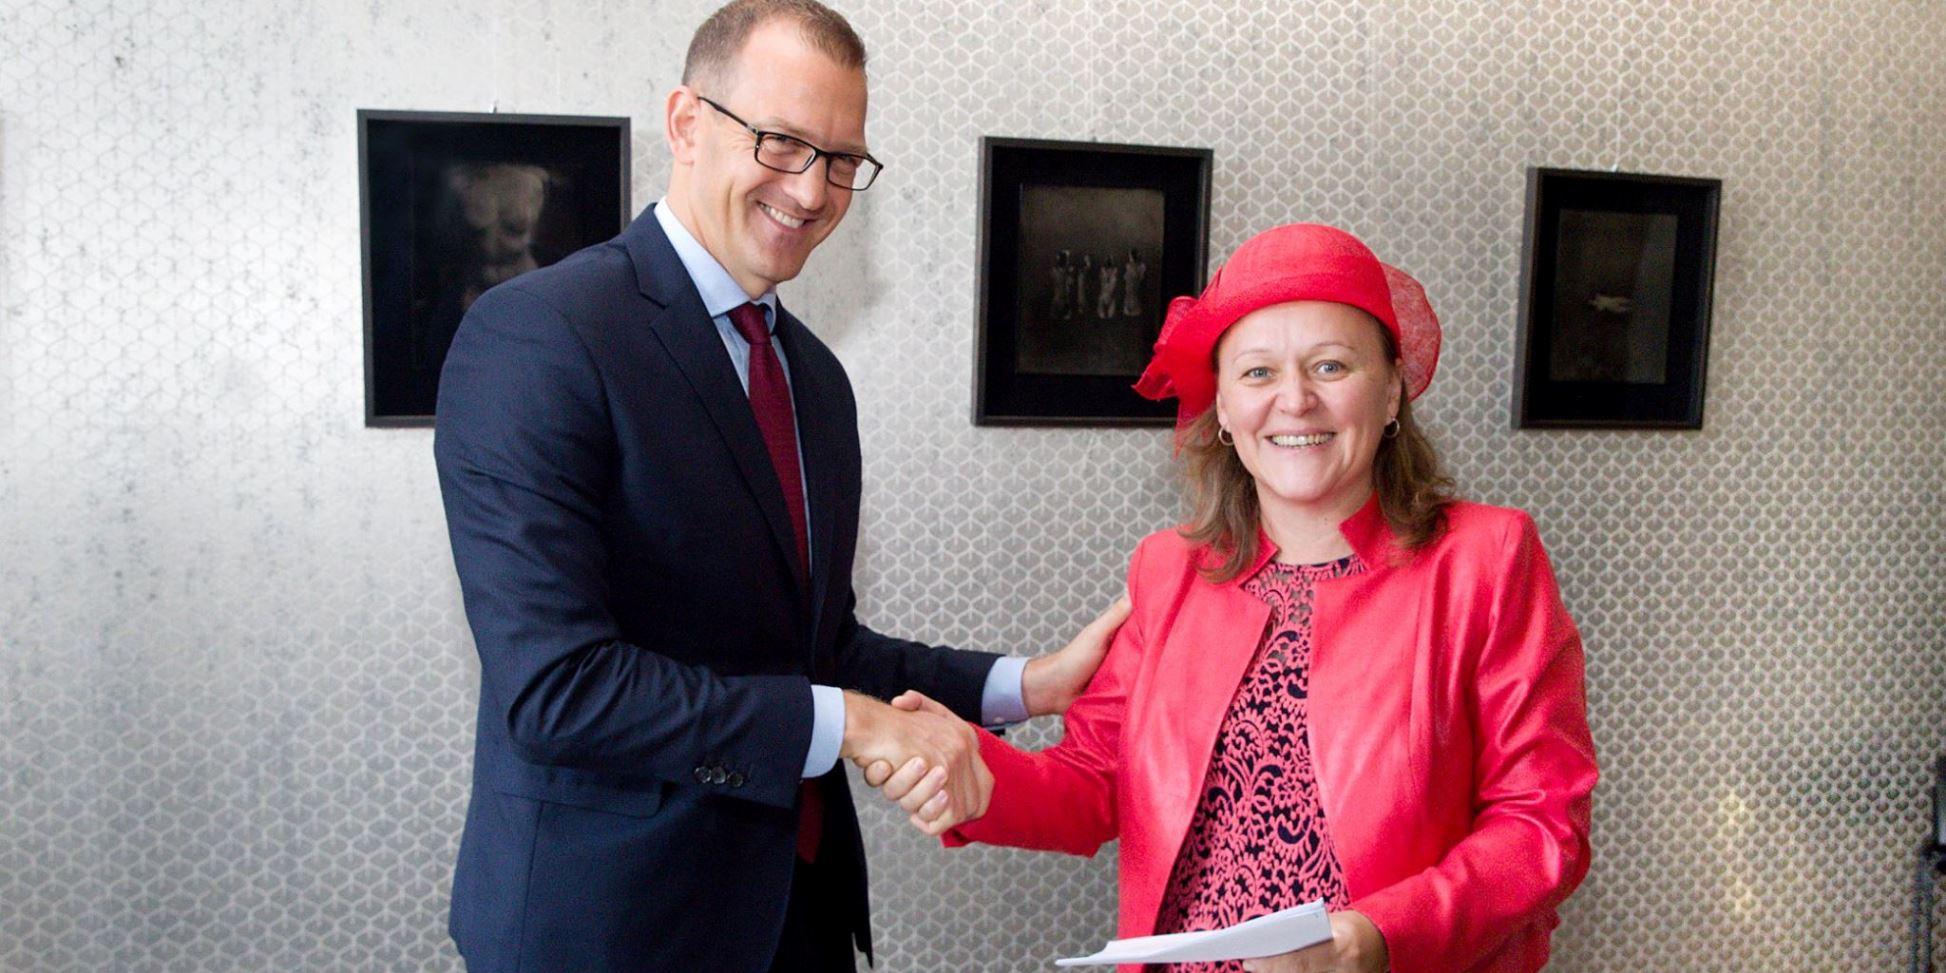 Foto: Právnická fakulta a holding EPH uzavřeli smlouvu o spolupráci